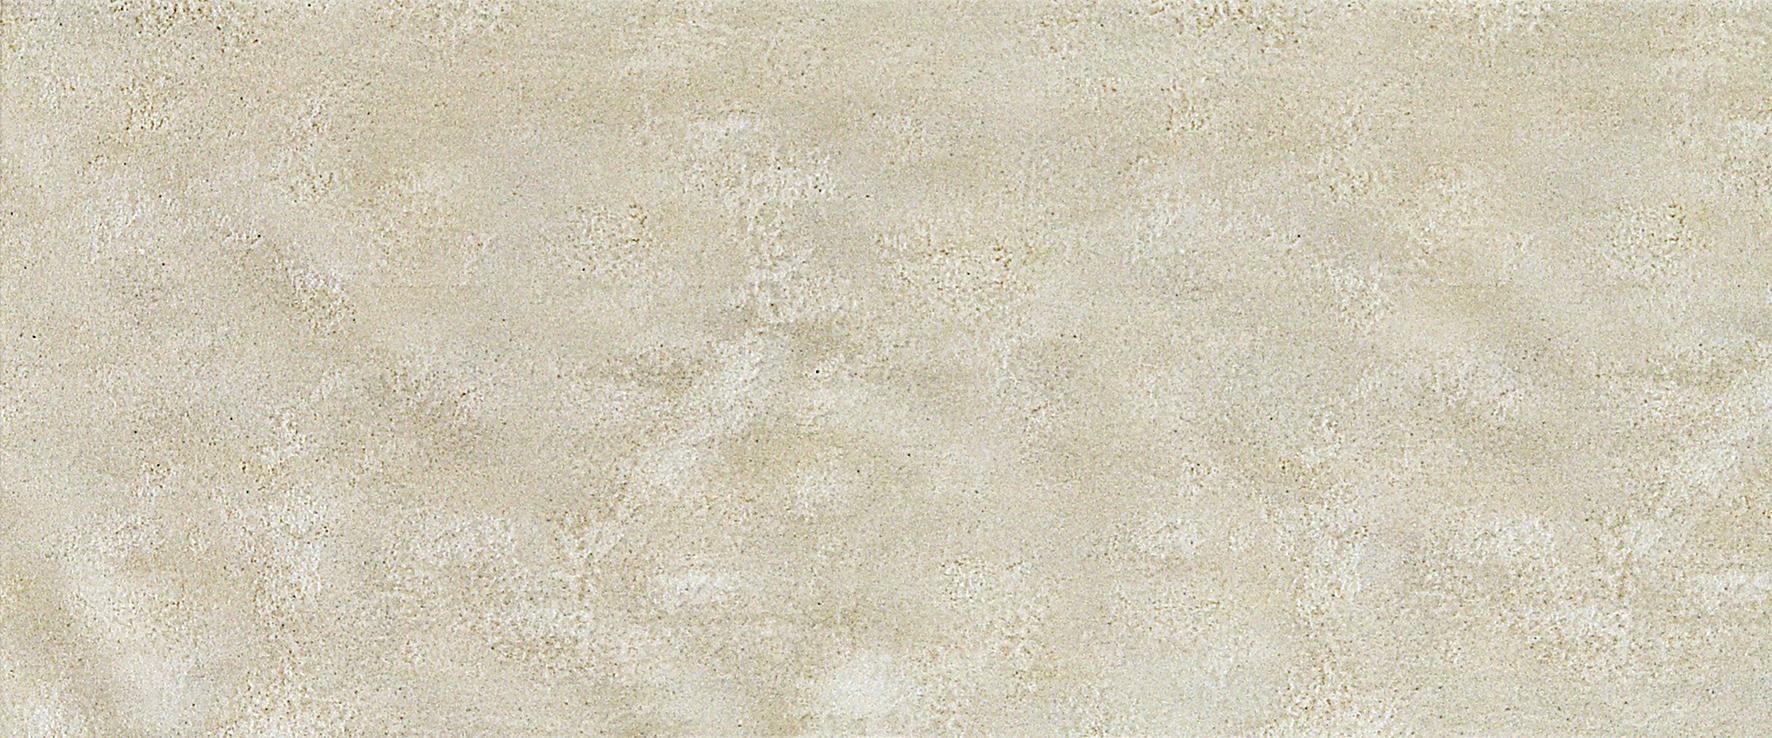 Patchwork beige Плитка настенная 01 25х60 настенная плитка gracia ceramica patchwork beige wall 01 25x60